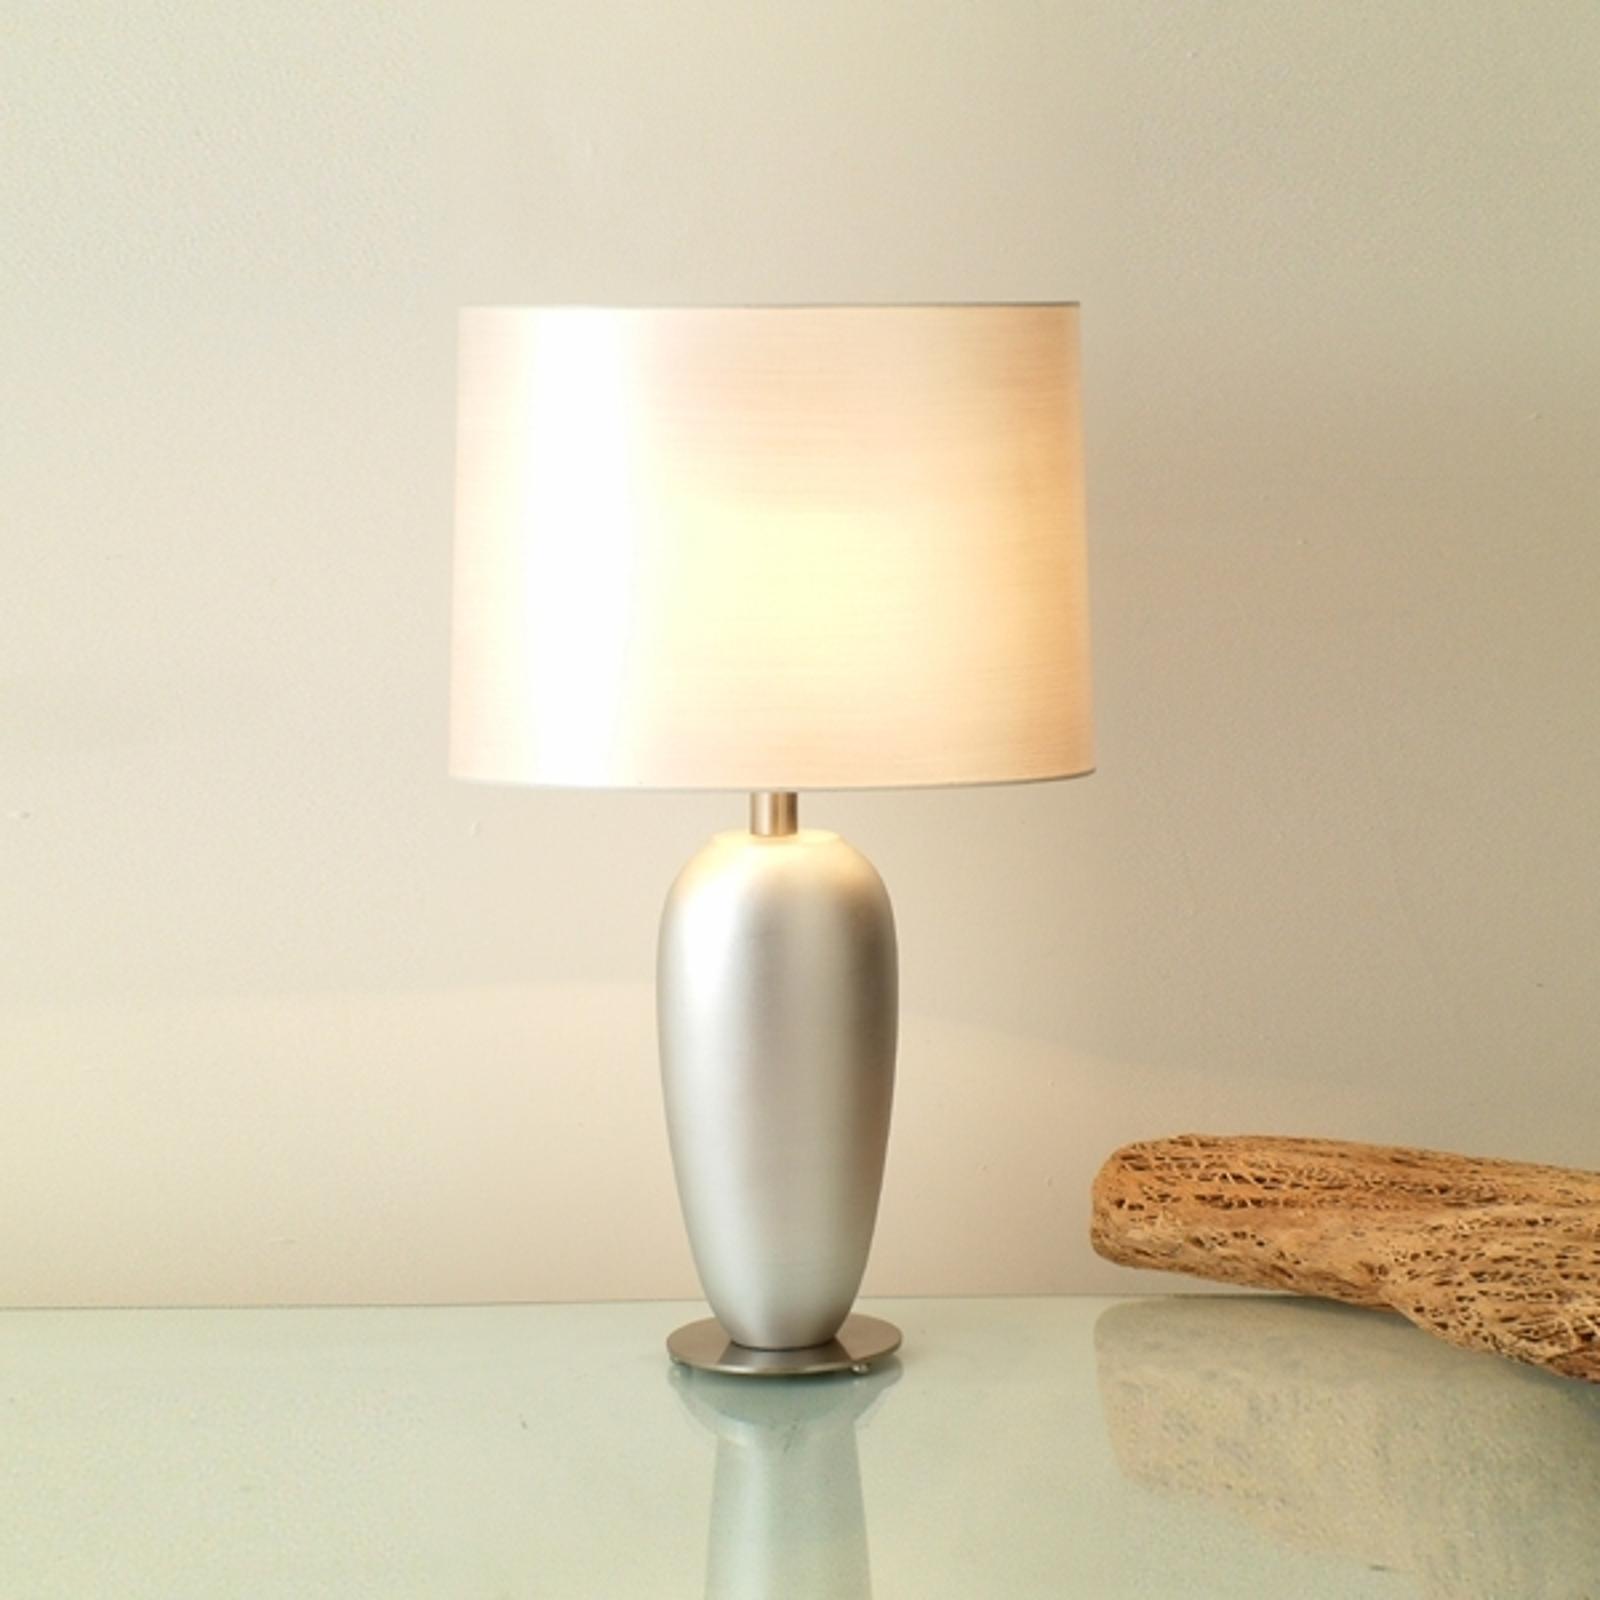 Lampe à poser argentée LAMBDA, hauteur 65 cm